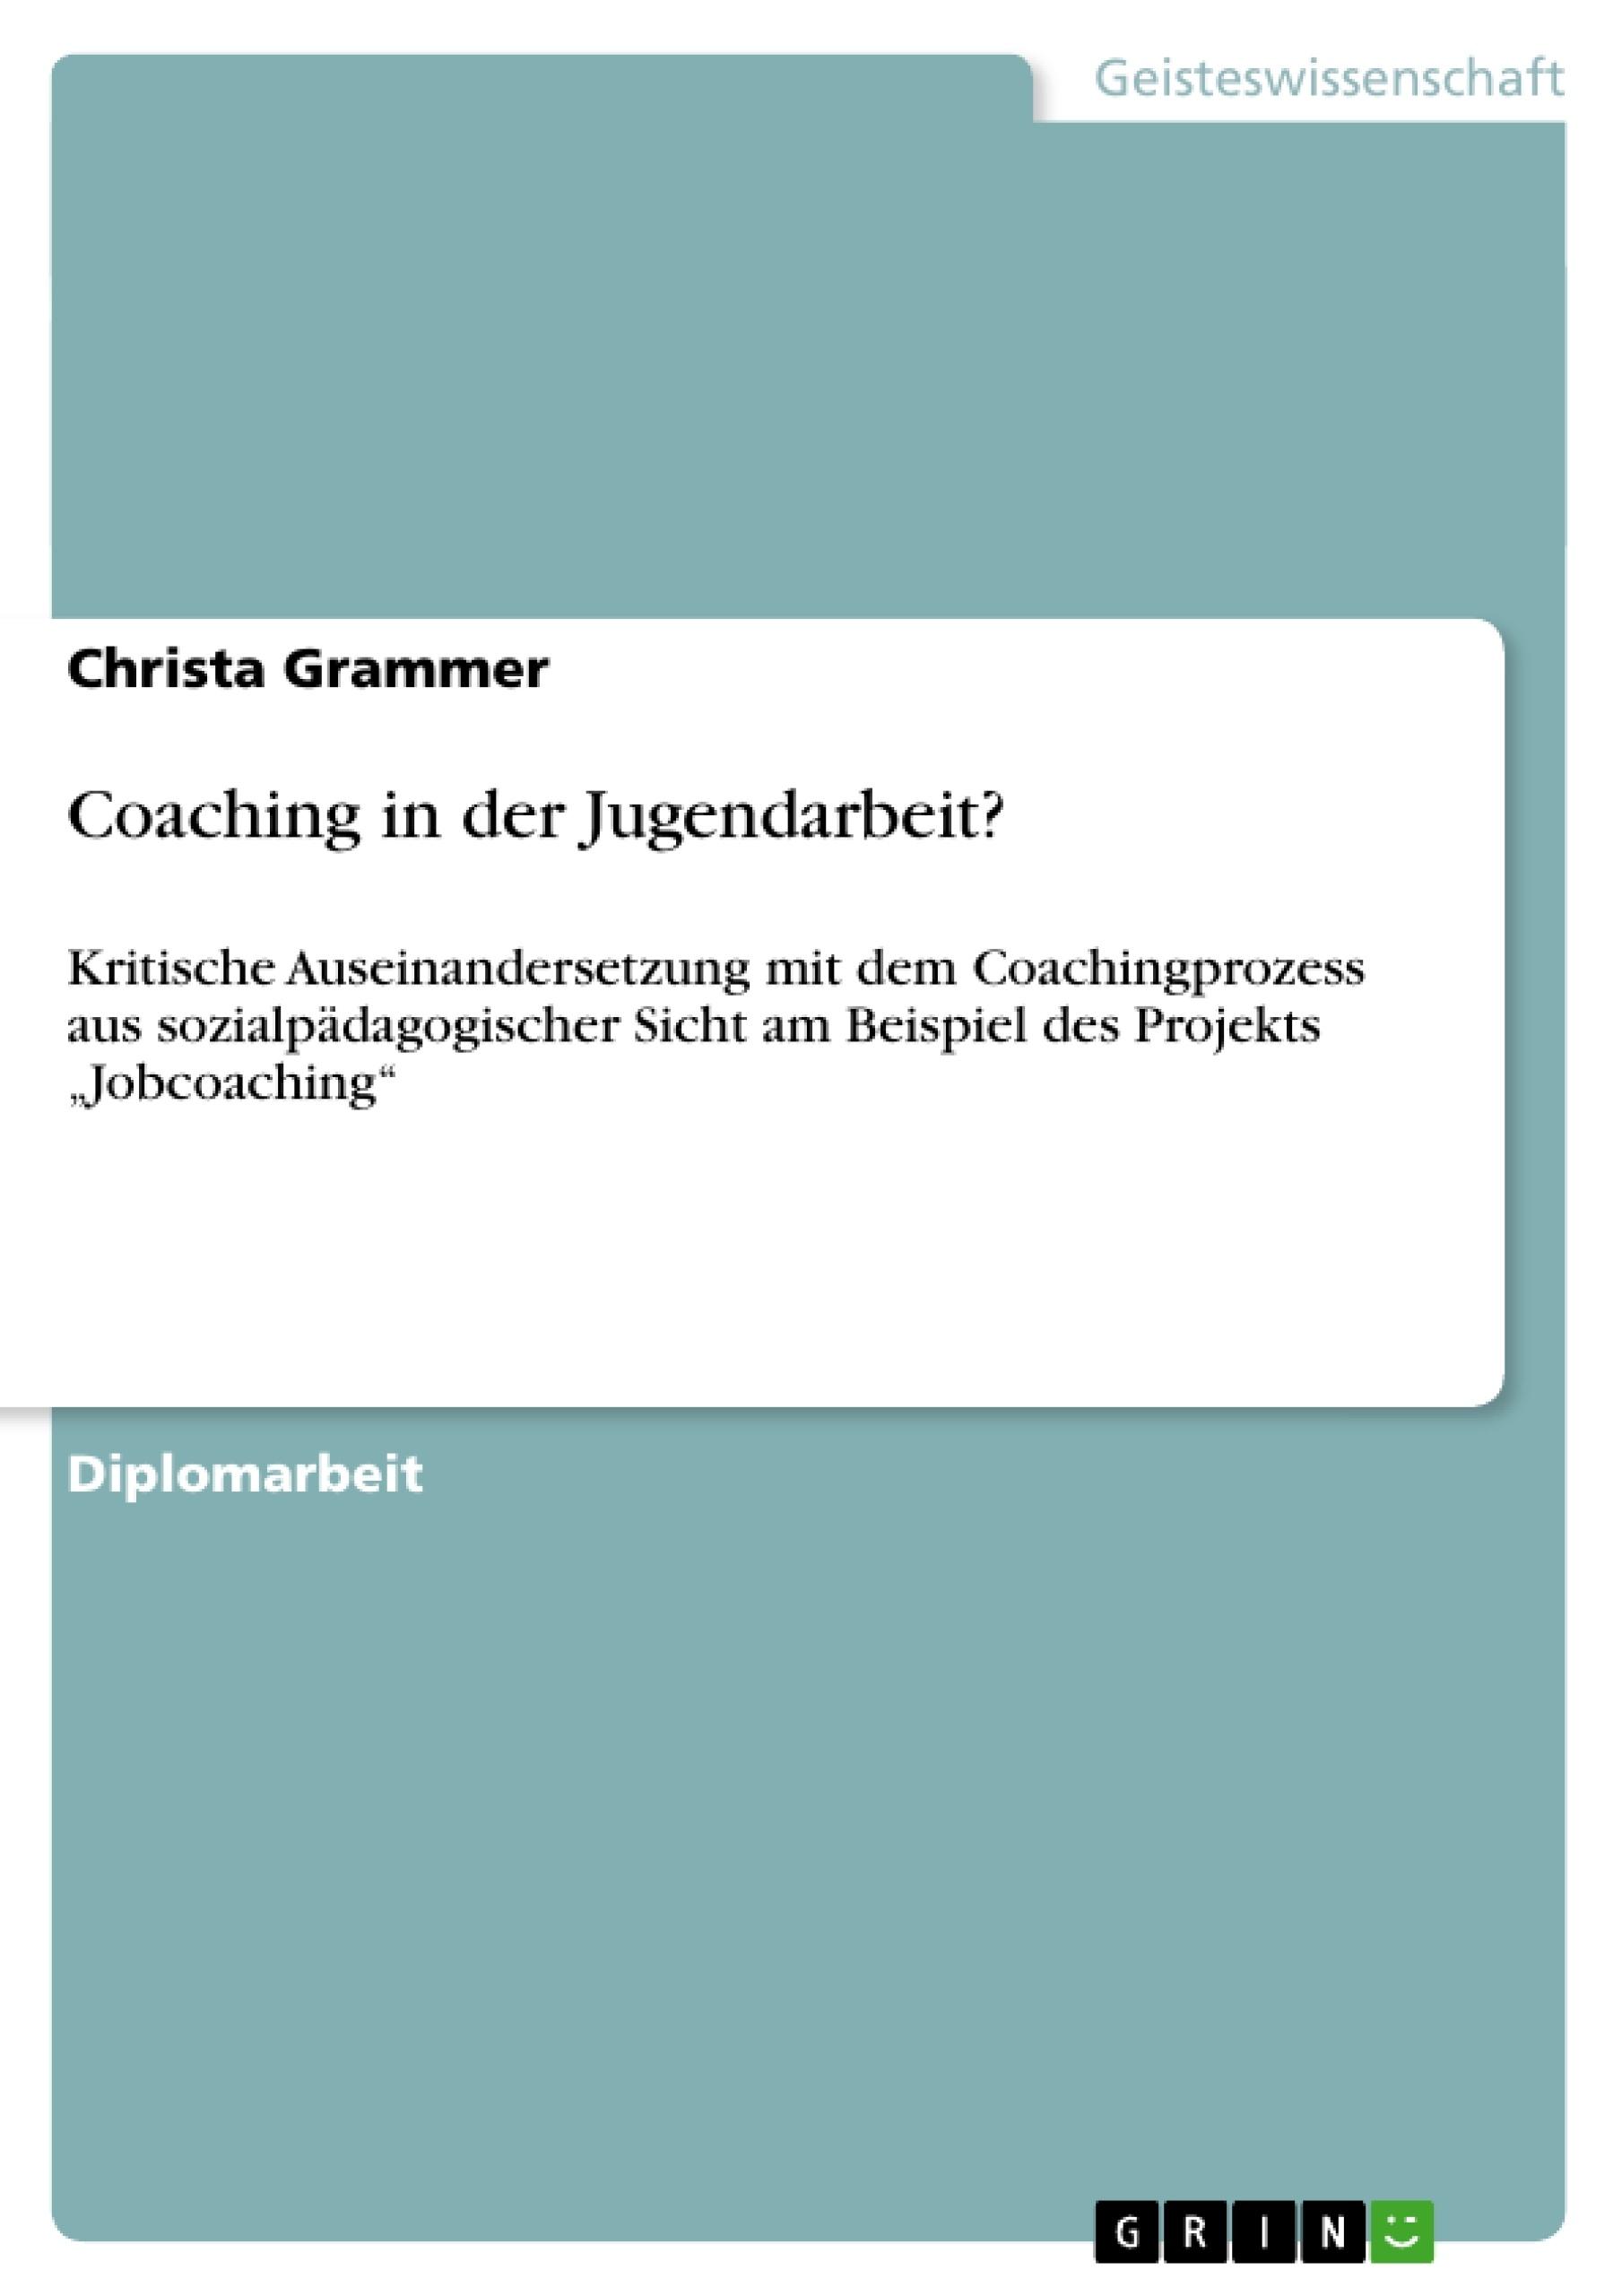 Coaching in der Jugendarbeit? | Masterarbeit, Hausarbeit ...